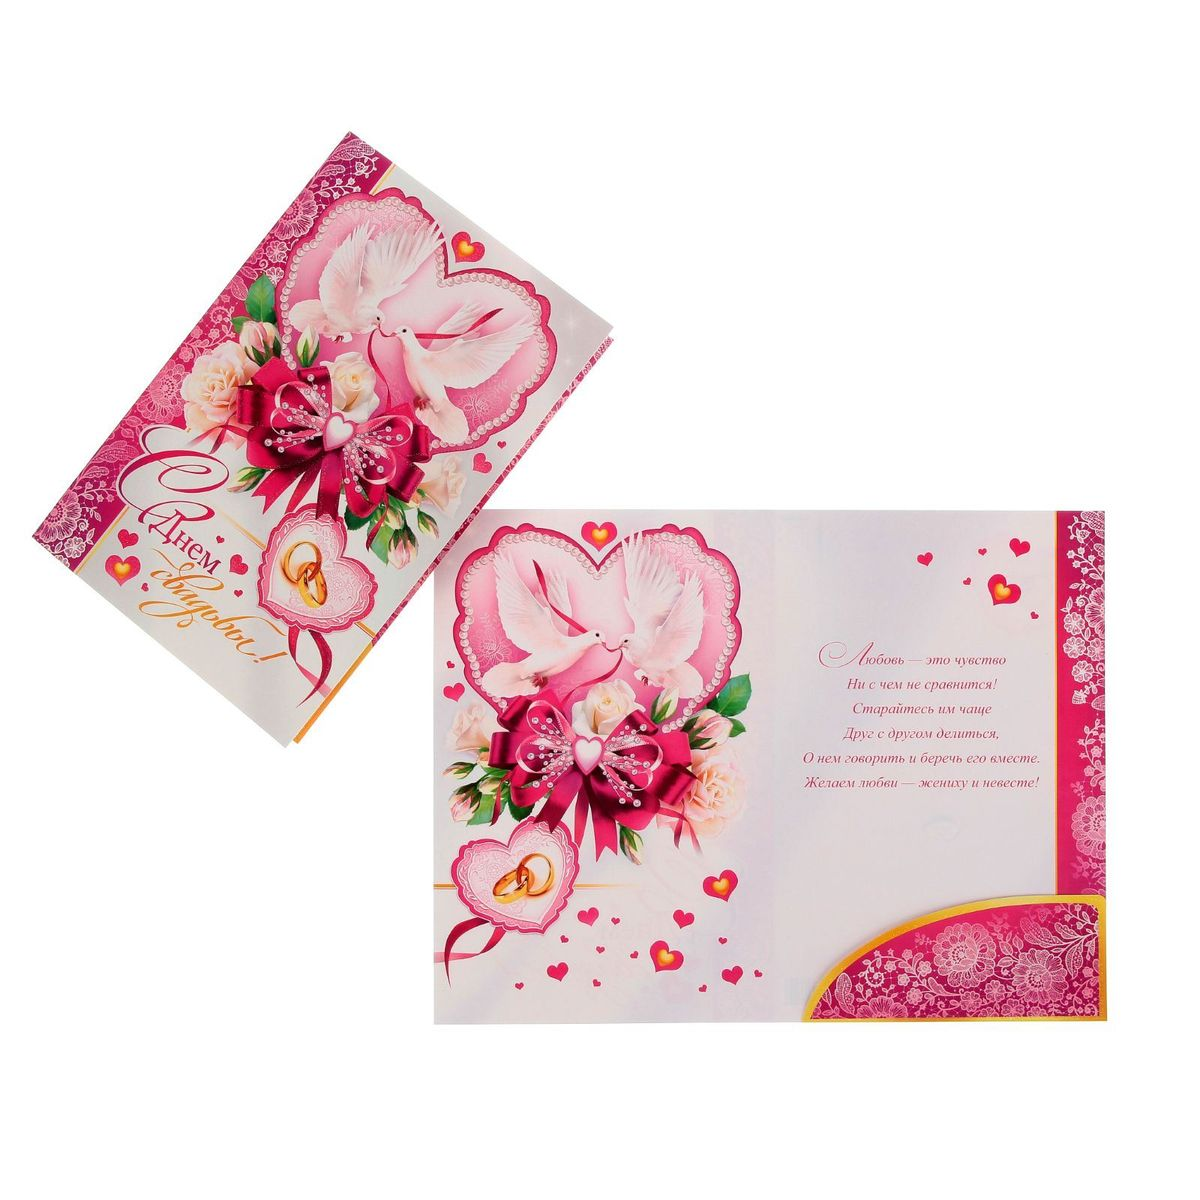 Открытка Мир открыток С Днем свадьбы! Розы и голуби1233306Если вы хотите порадовать себя или близких, создать праздничное настроение и с улыбкой провести памятный день, то вы, несомненно, сделали правильный выбор! Открытка Мир открыток С Днем свадьбы! Розы и голуби, выполненная из картона, отличается не только оригинальным дизайном, но и высоким качеством.Лицевая сторона изделия оформлена красивым изображением роз и голубей и дополнена глиттером. Внутри открытка содержит текст с поздравлением.Такая открытка непременно порадует получателя и станет отличным напоминанием о проведенном вместе времени.